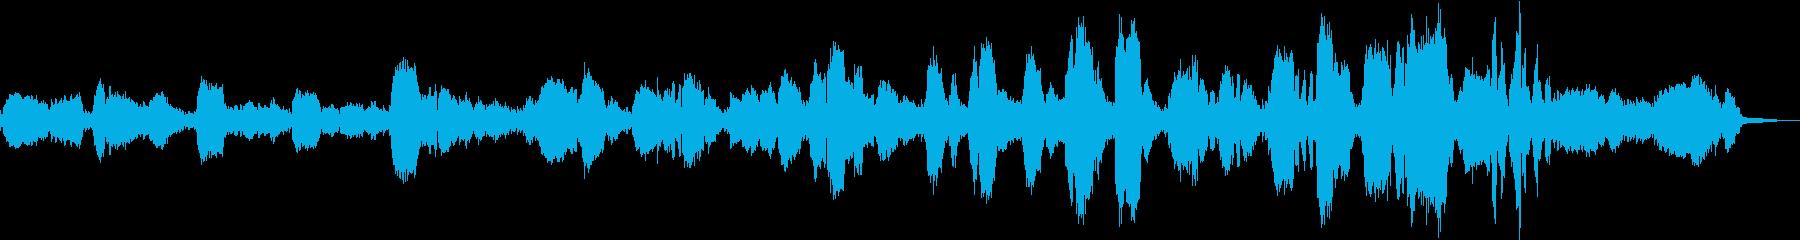 本格的な歌入りのグノーのアベマリアです。の再生済みの波形